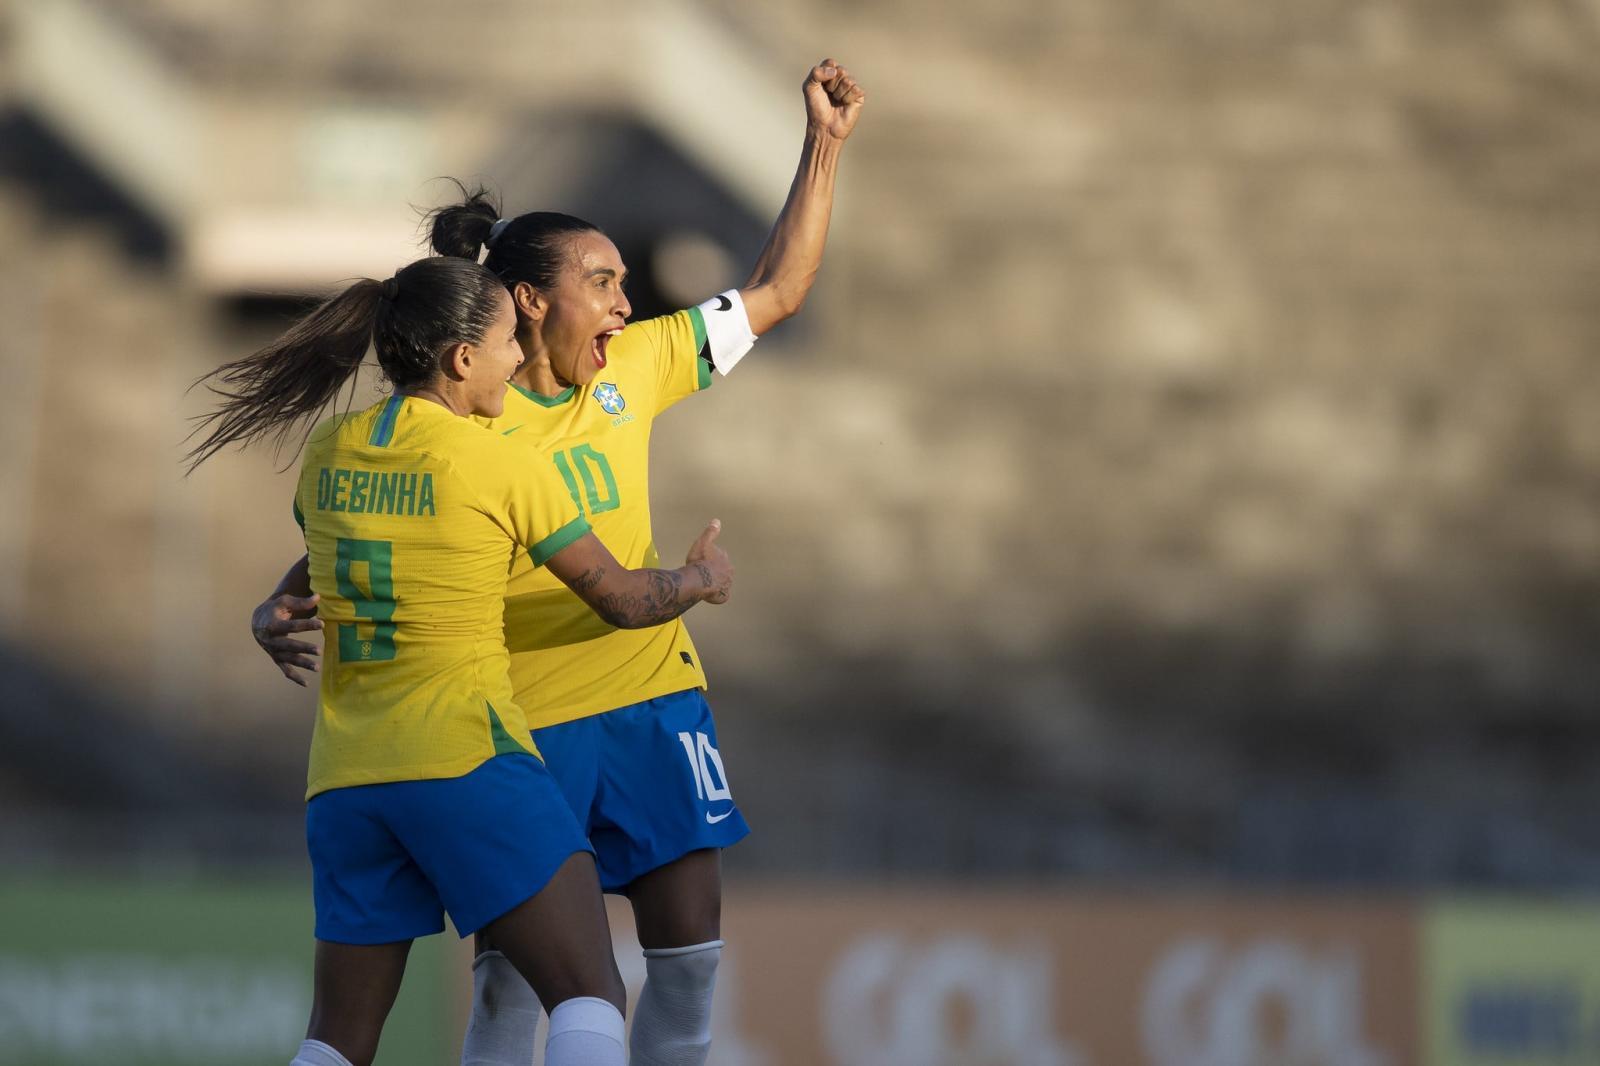 Em nova posição, Marta brilha e seleção goleia Argentina em João Pessoa